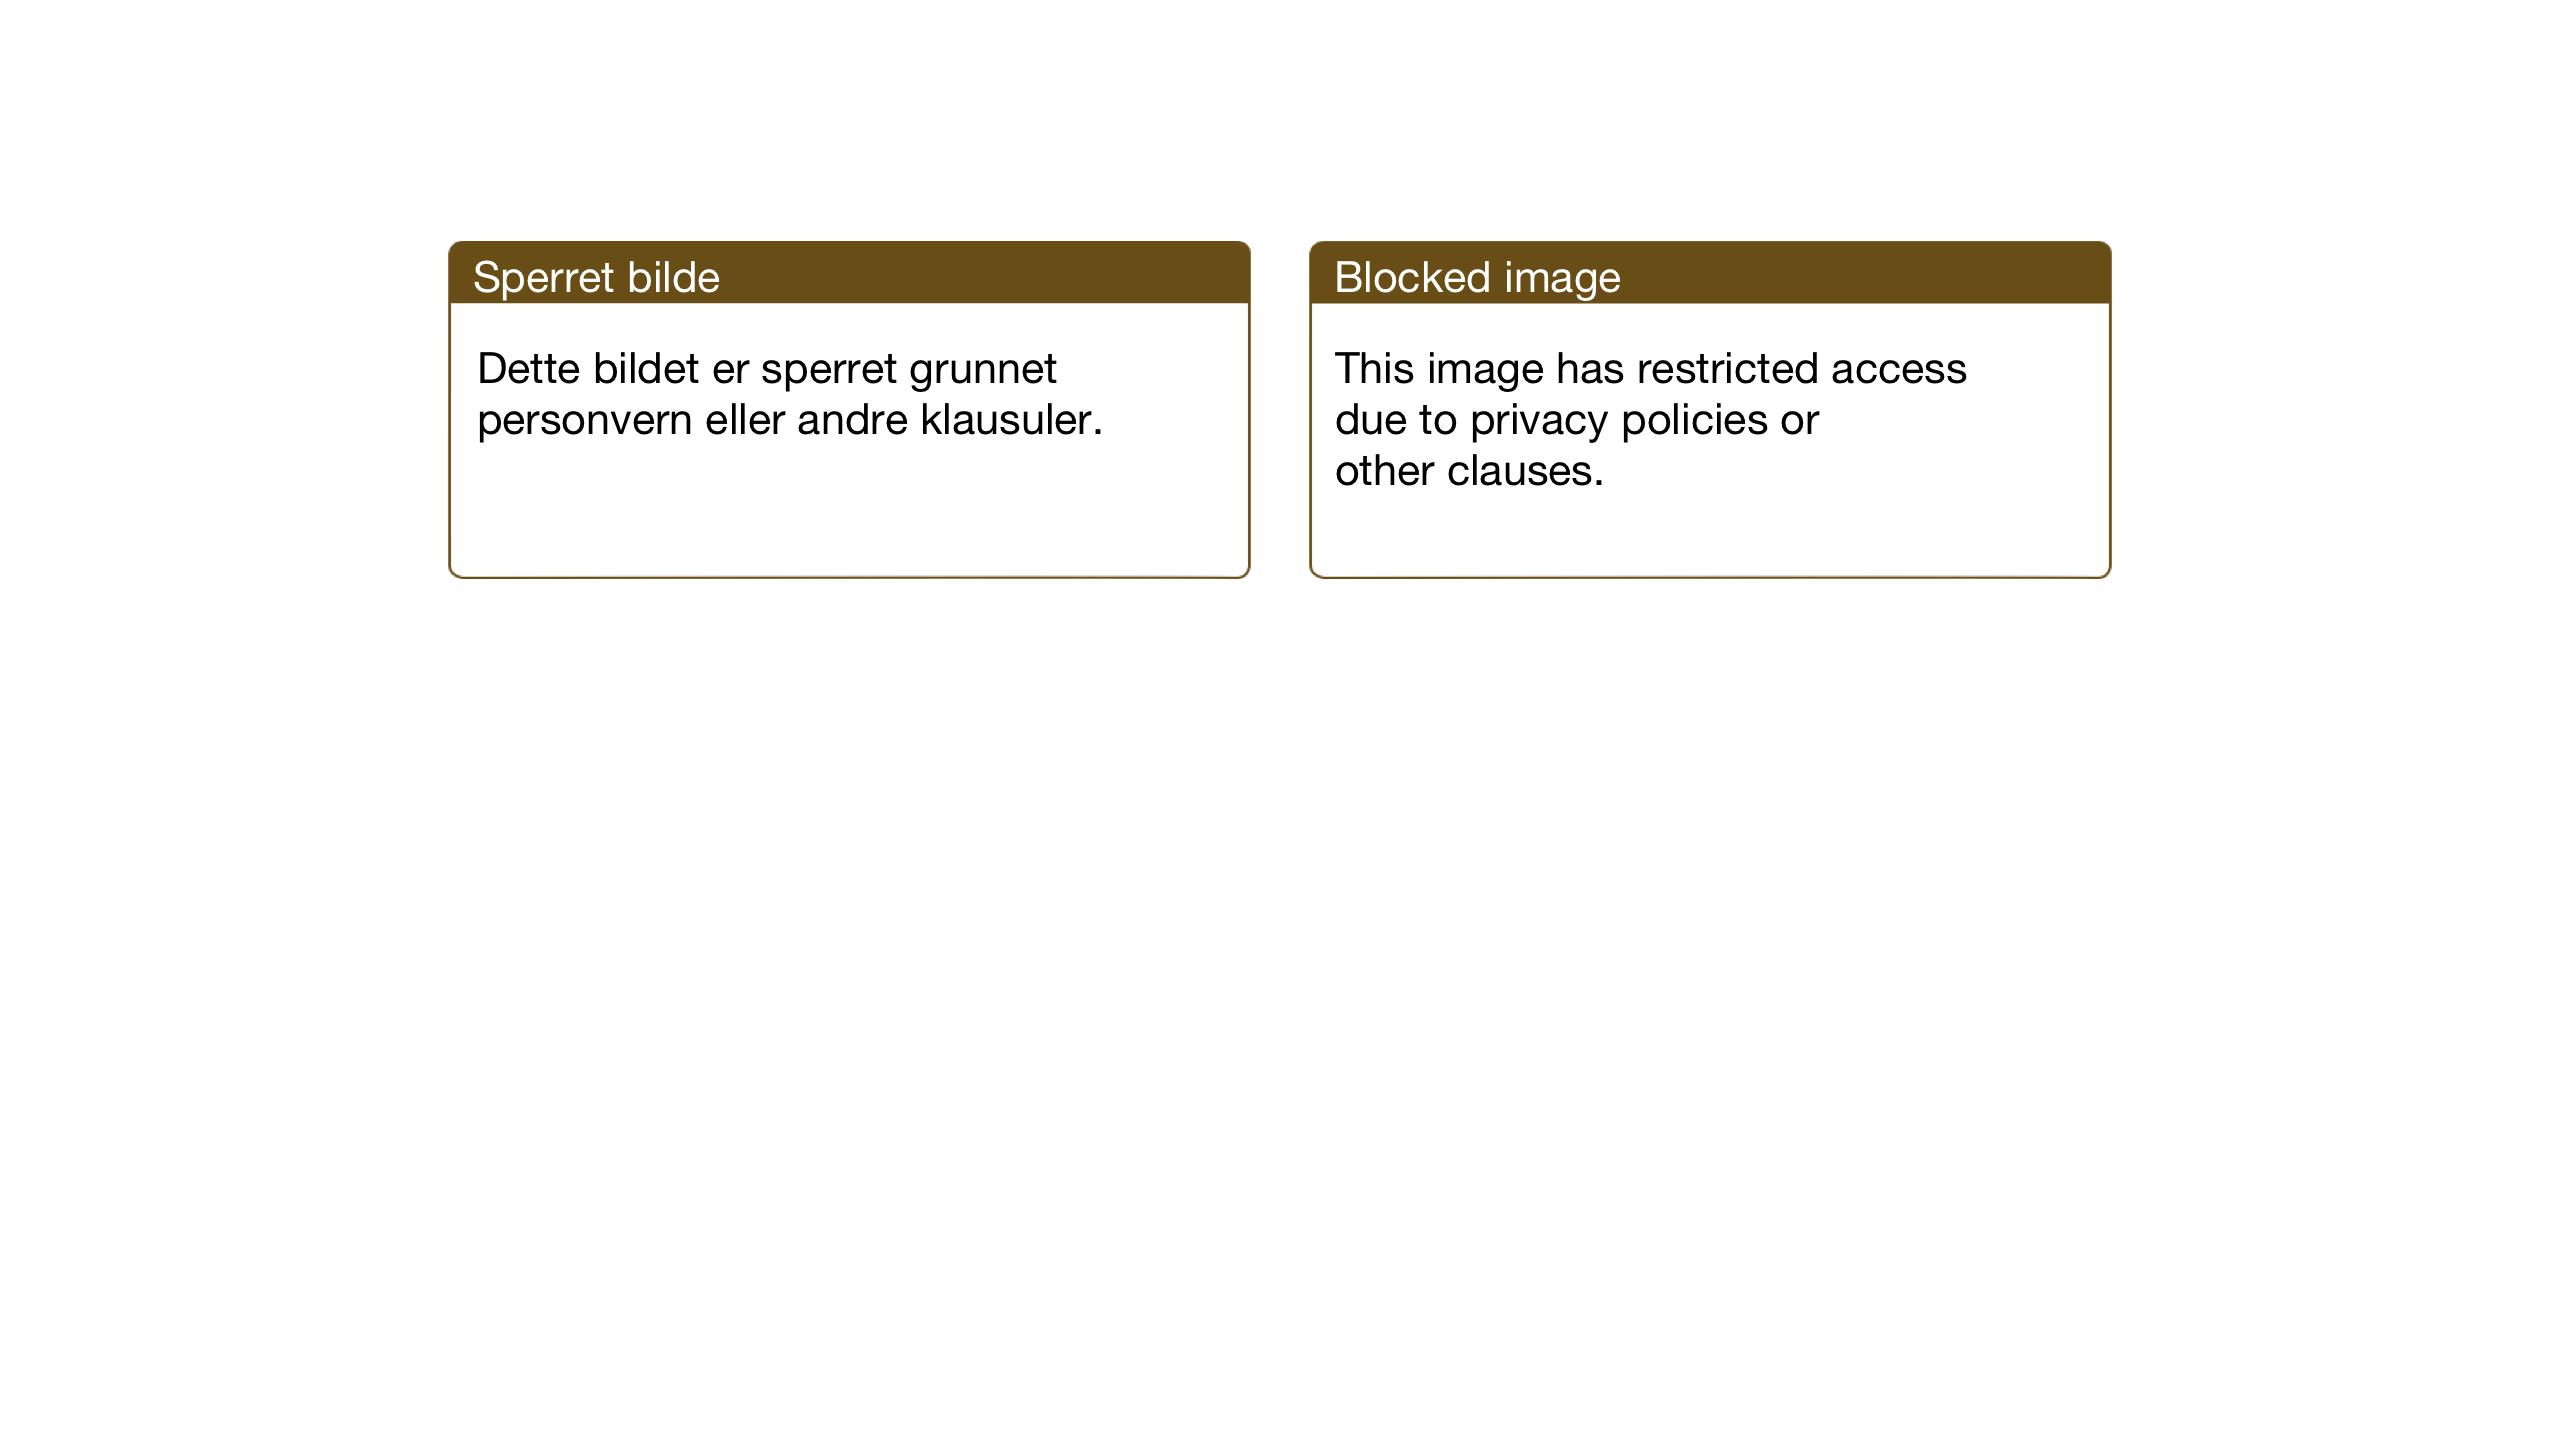 SAT, Ministerialprotokoller, klokkerbøker og fødselsregistre - Sør-Trøndelag, 682/L0947: Klokkerbok nr. 682C01, 1926-1968, s. 28